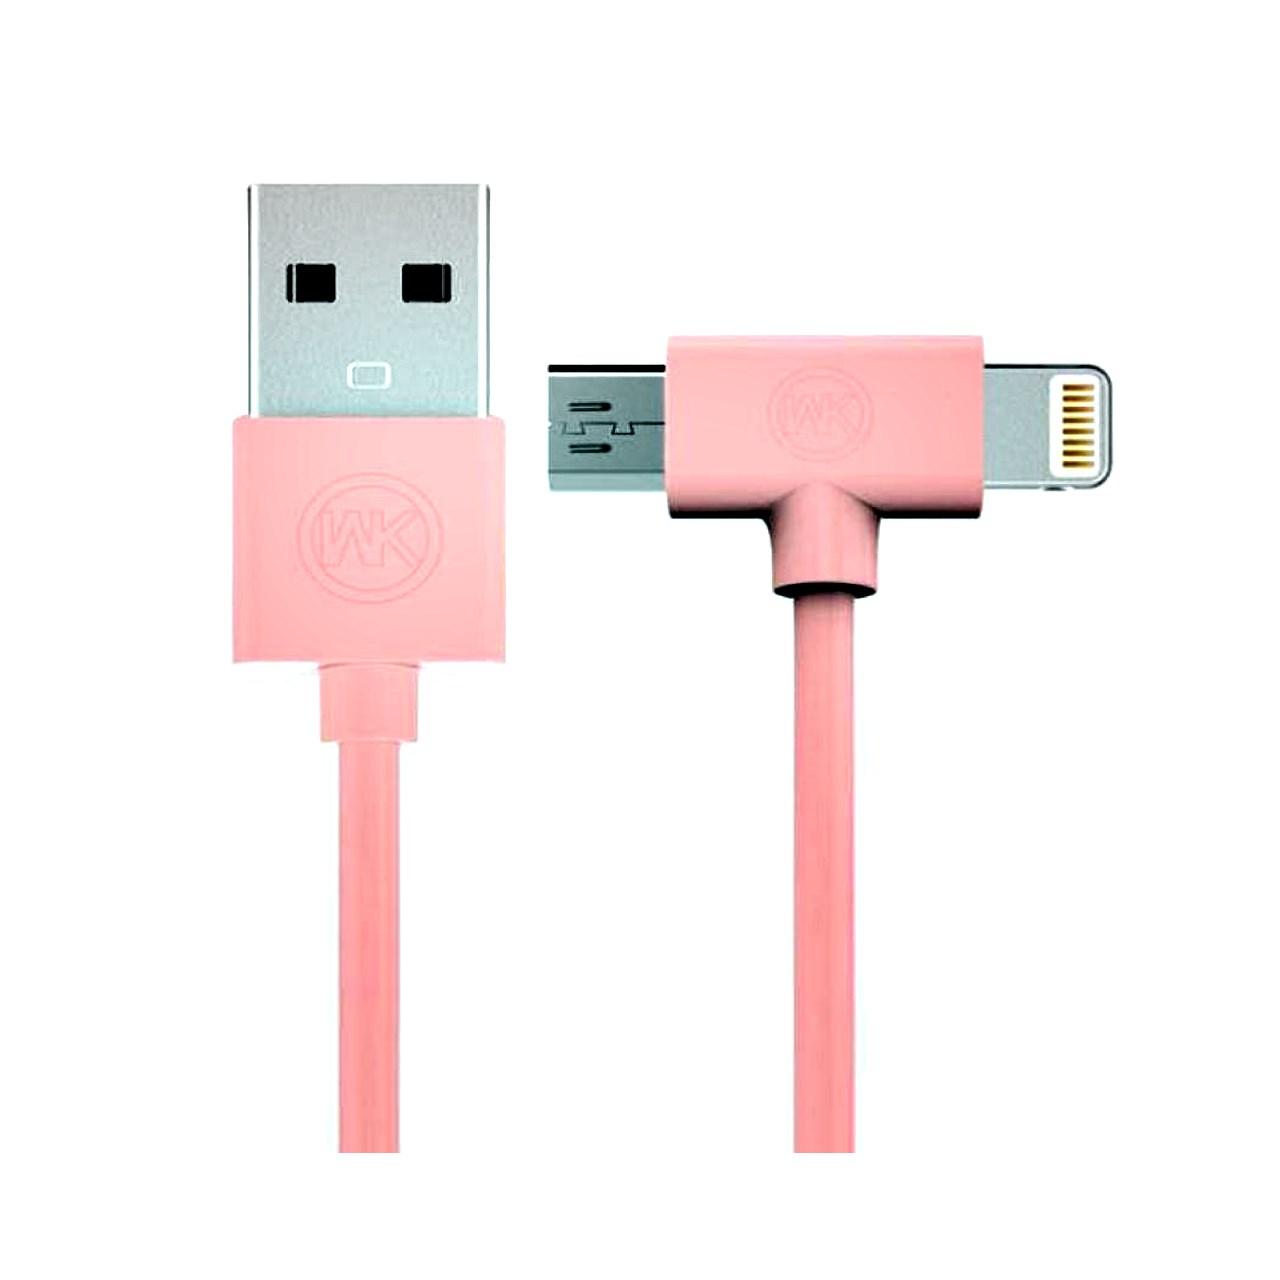 کابل تبدیل USB به microUSB/لایتنینگ دابلیو کی مدل AXE WDC-008 به طول 1 متر